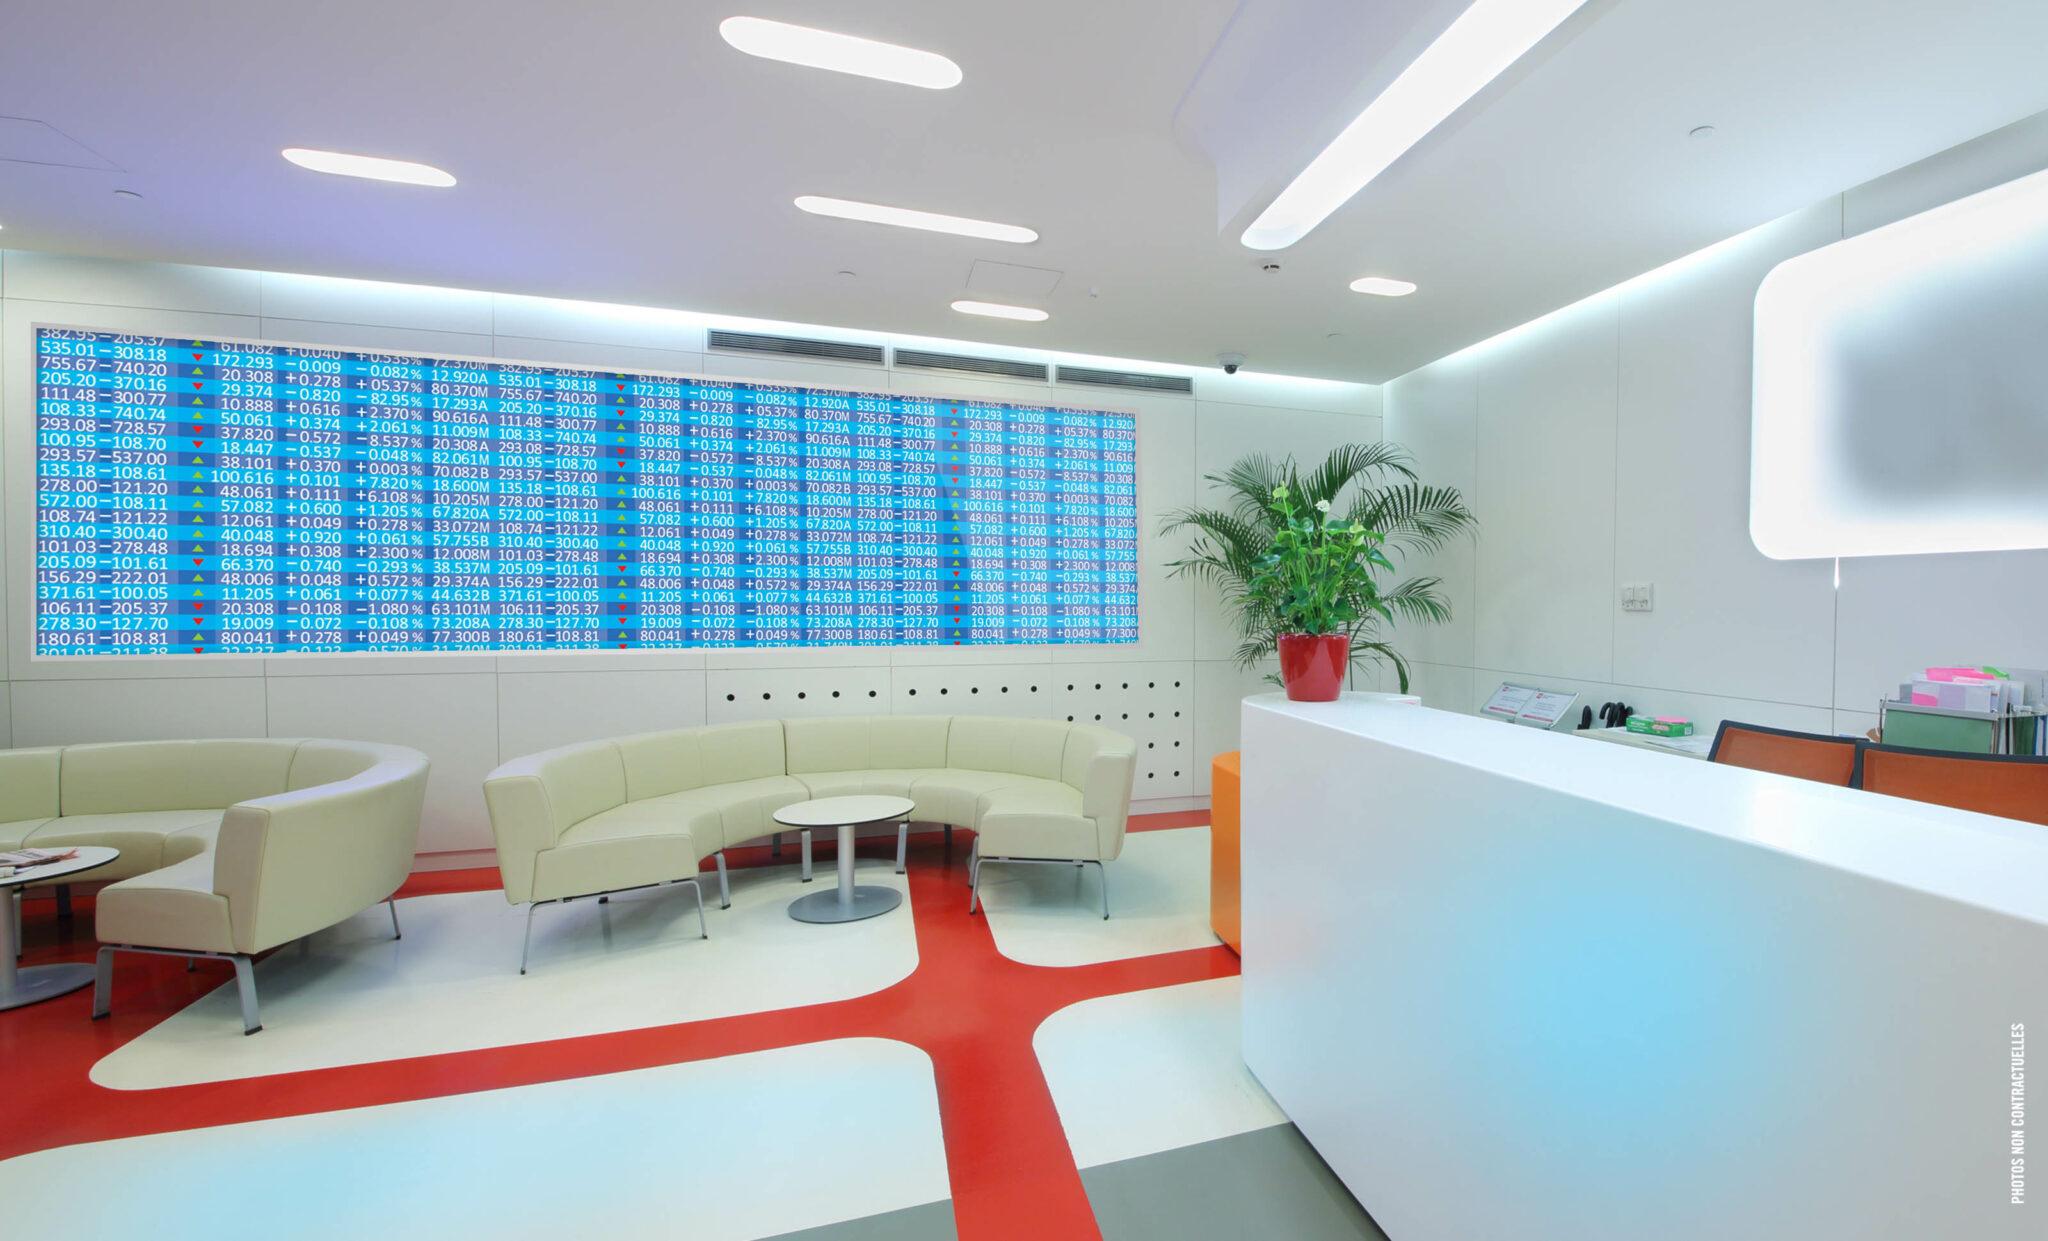 Les dalles LED SMD haute définition, extra slim, légères et ultra lumineuses sont parfaites et s'intègrent dans tous secteurs confondus.